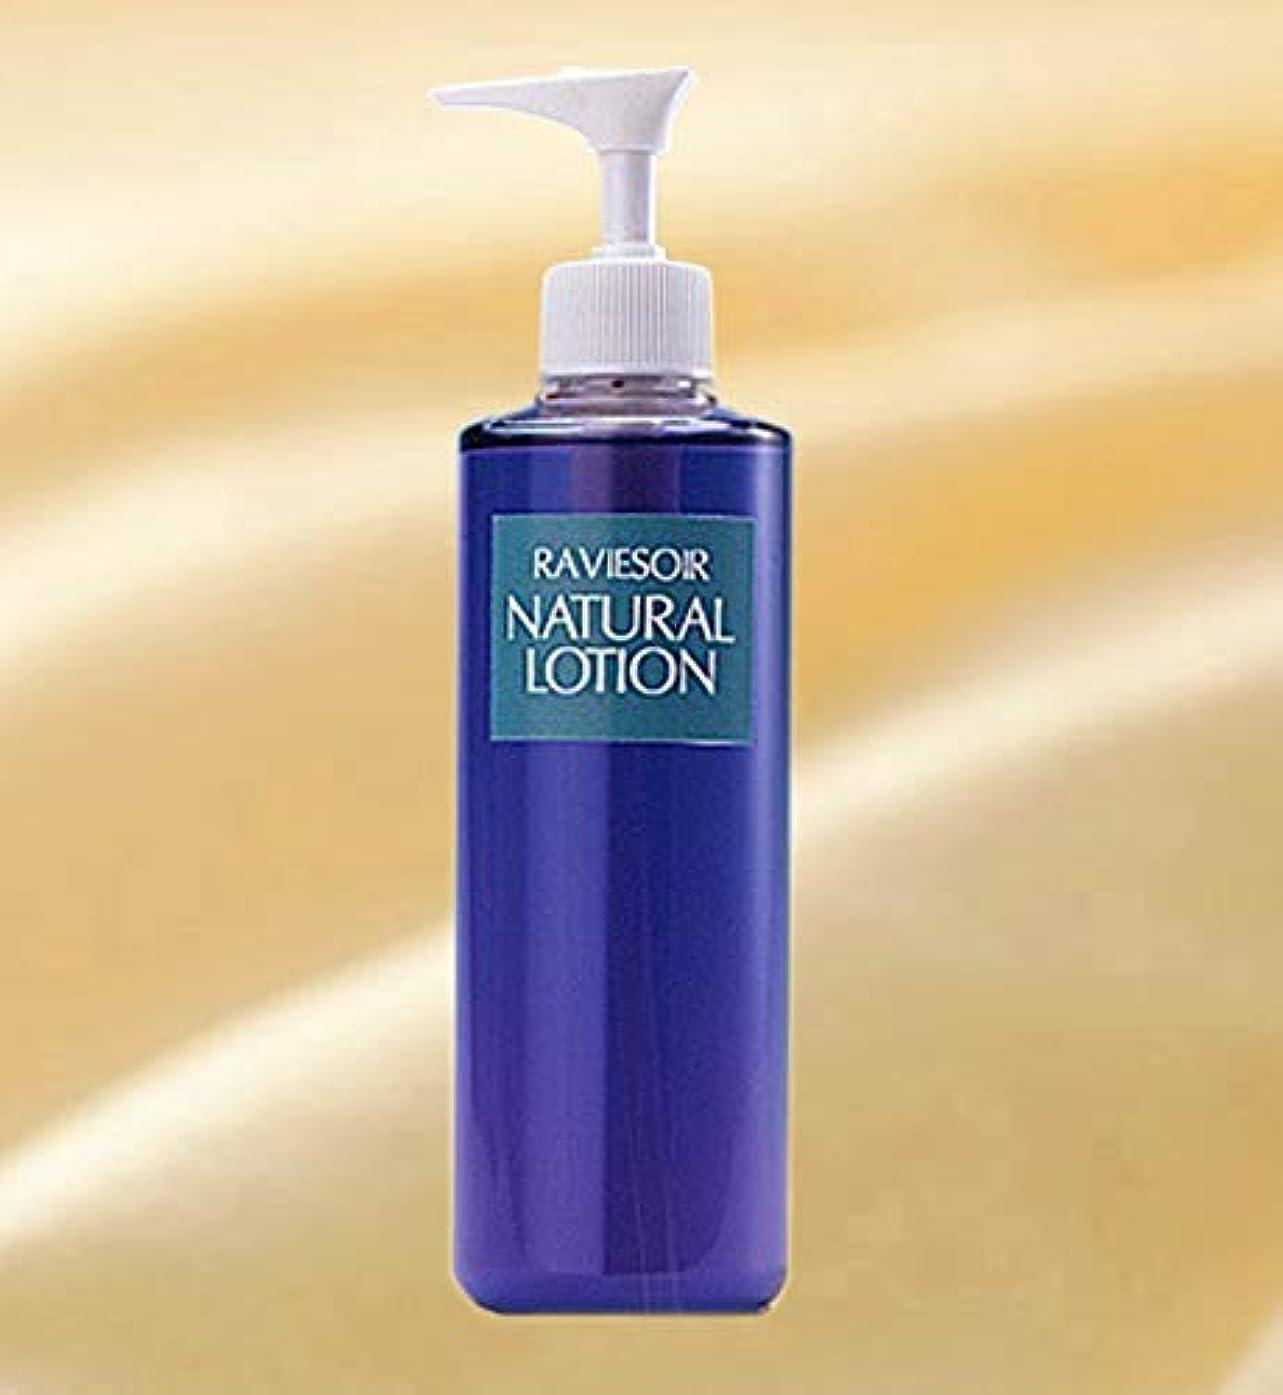 トレースお手伝いさん良性ラヴィソワール ナチュラルローション(250ml)Raviesoir Natural Lotion